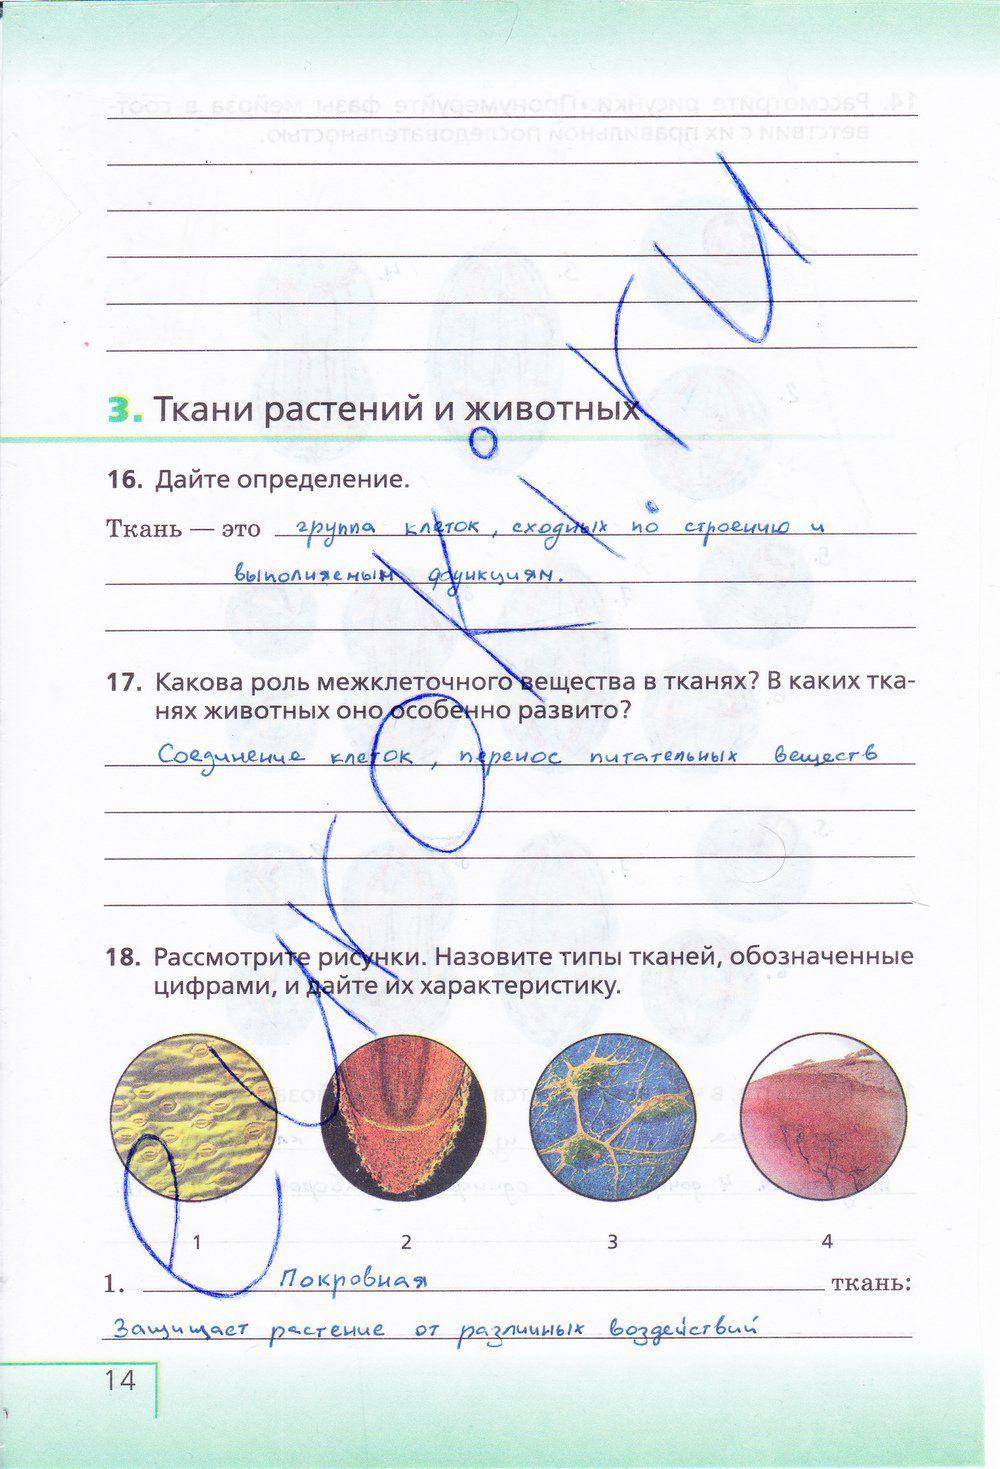 Скачать бесплатно без регистрации тренажор математика 1s 1-5класс народ ру